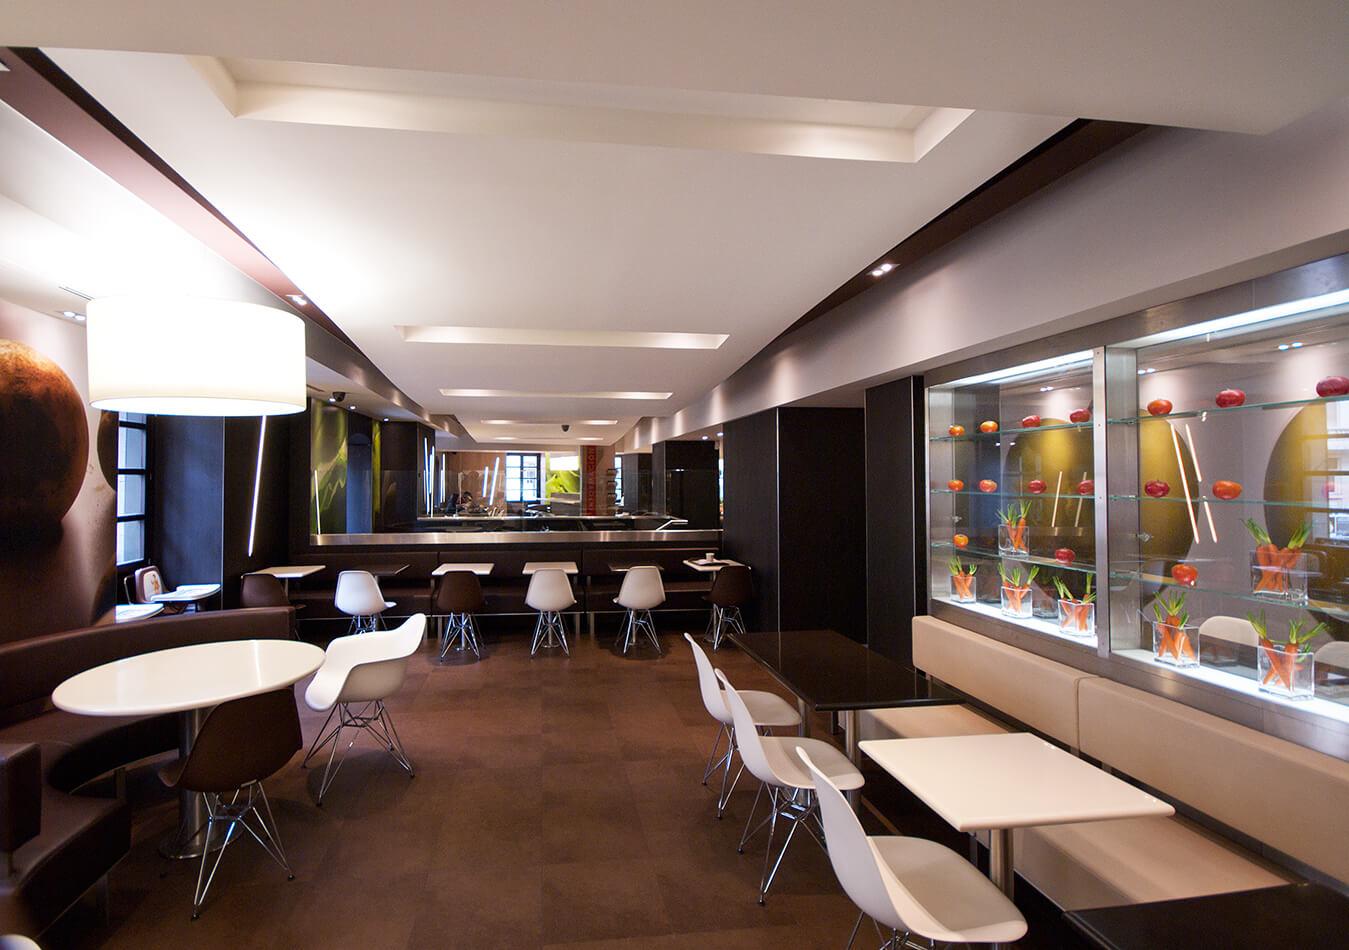 Restaurantes mcdonalds espa a comon - Estudios arquitectura espana ...